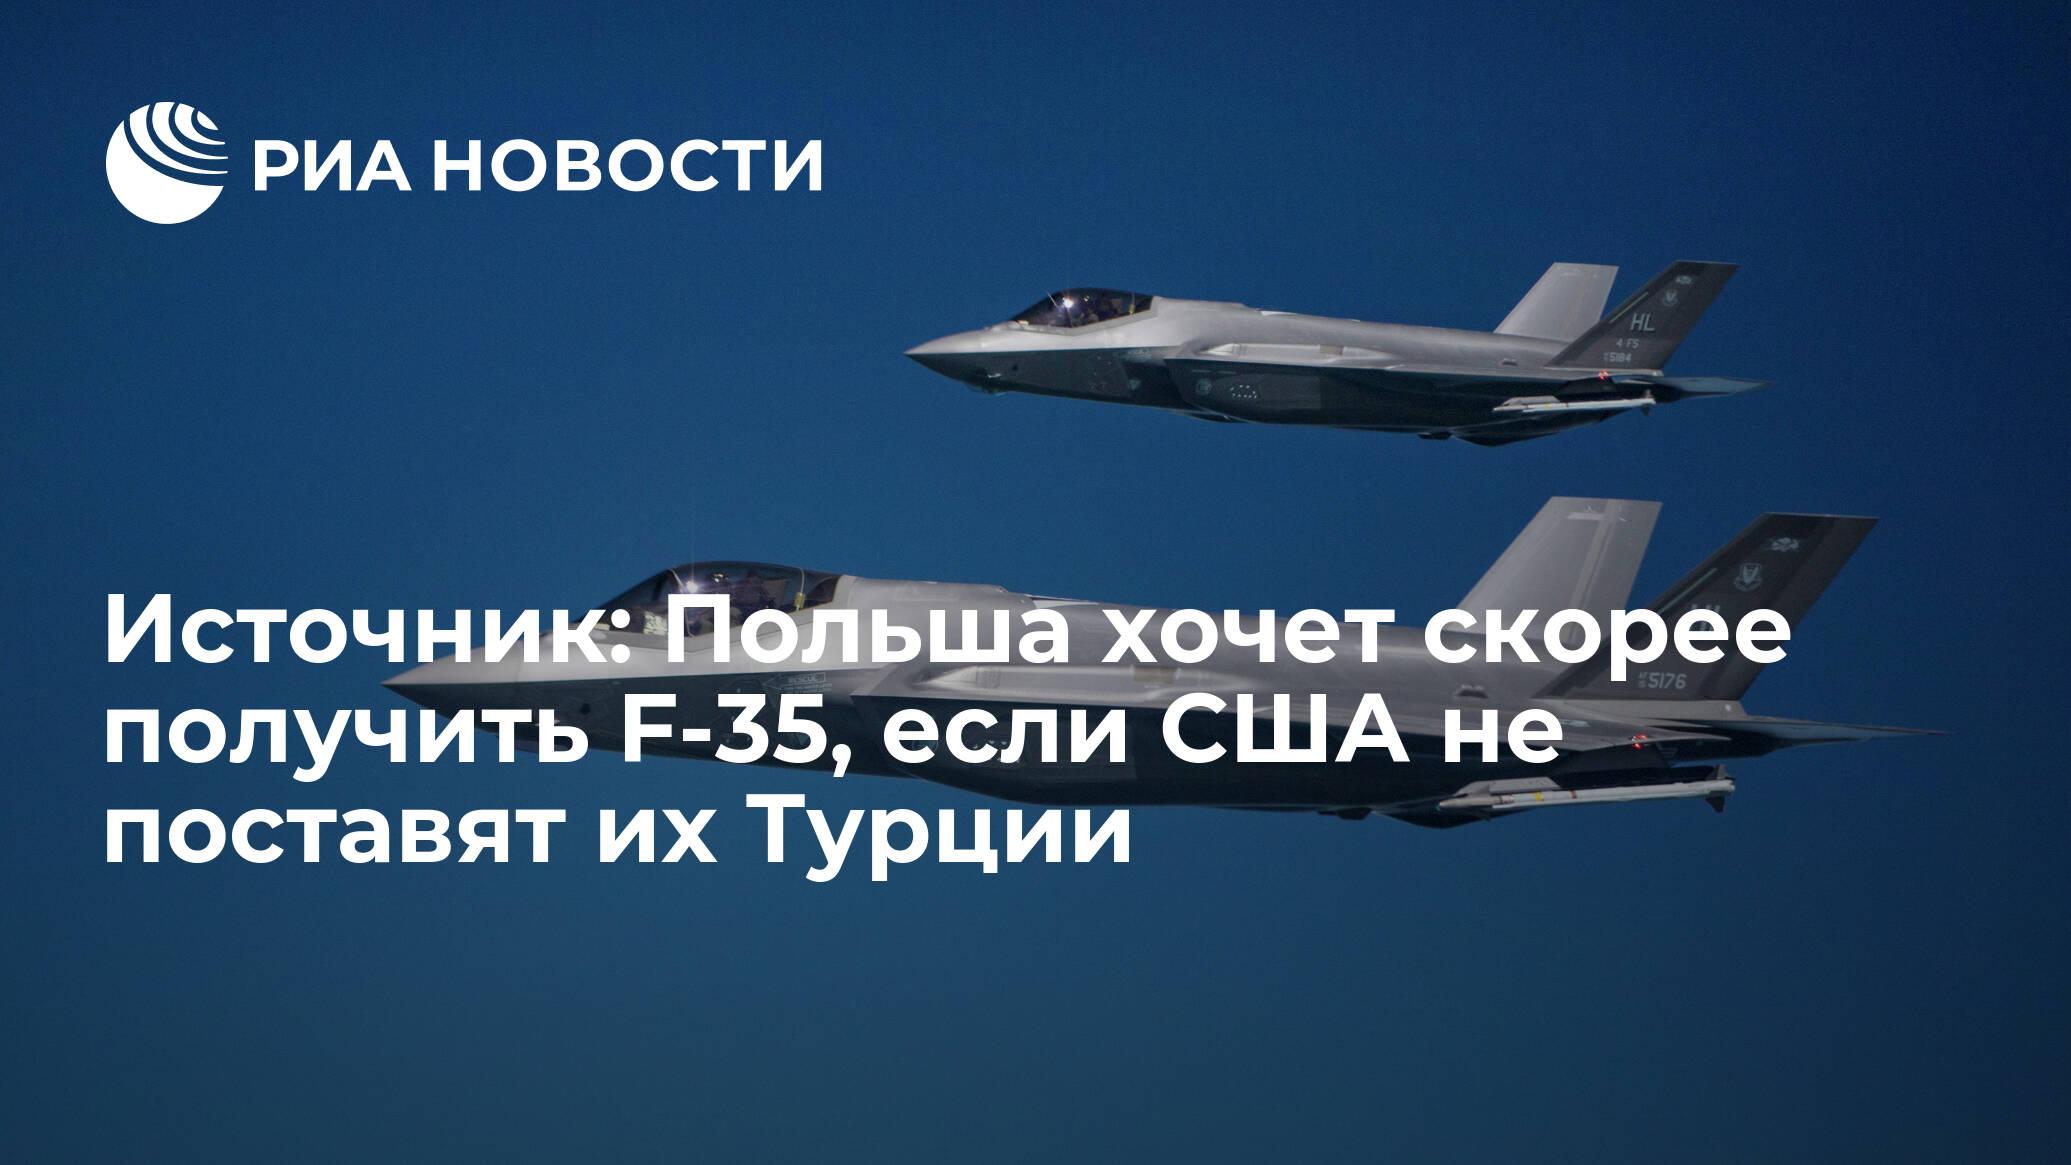 Источник: Польша хочет скорее получить F-35, если США не поставят их Турции